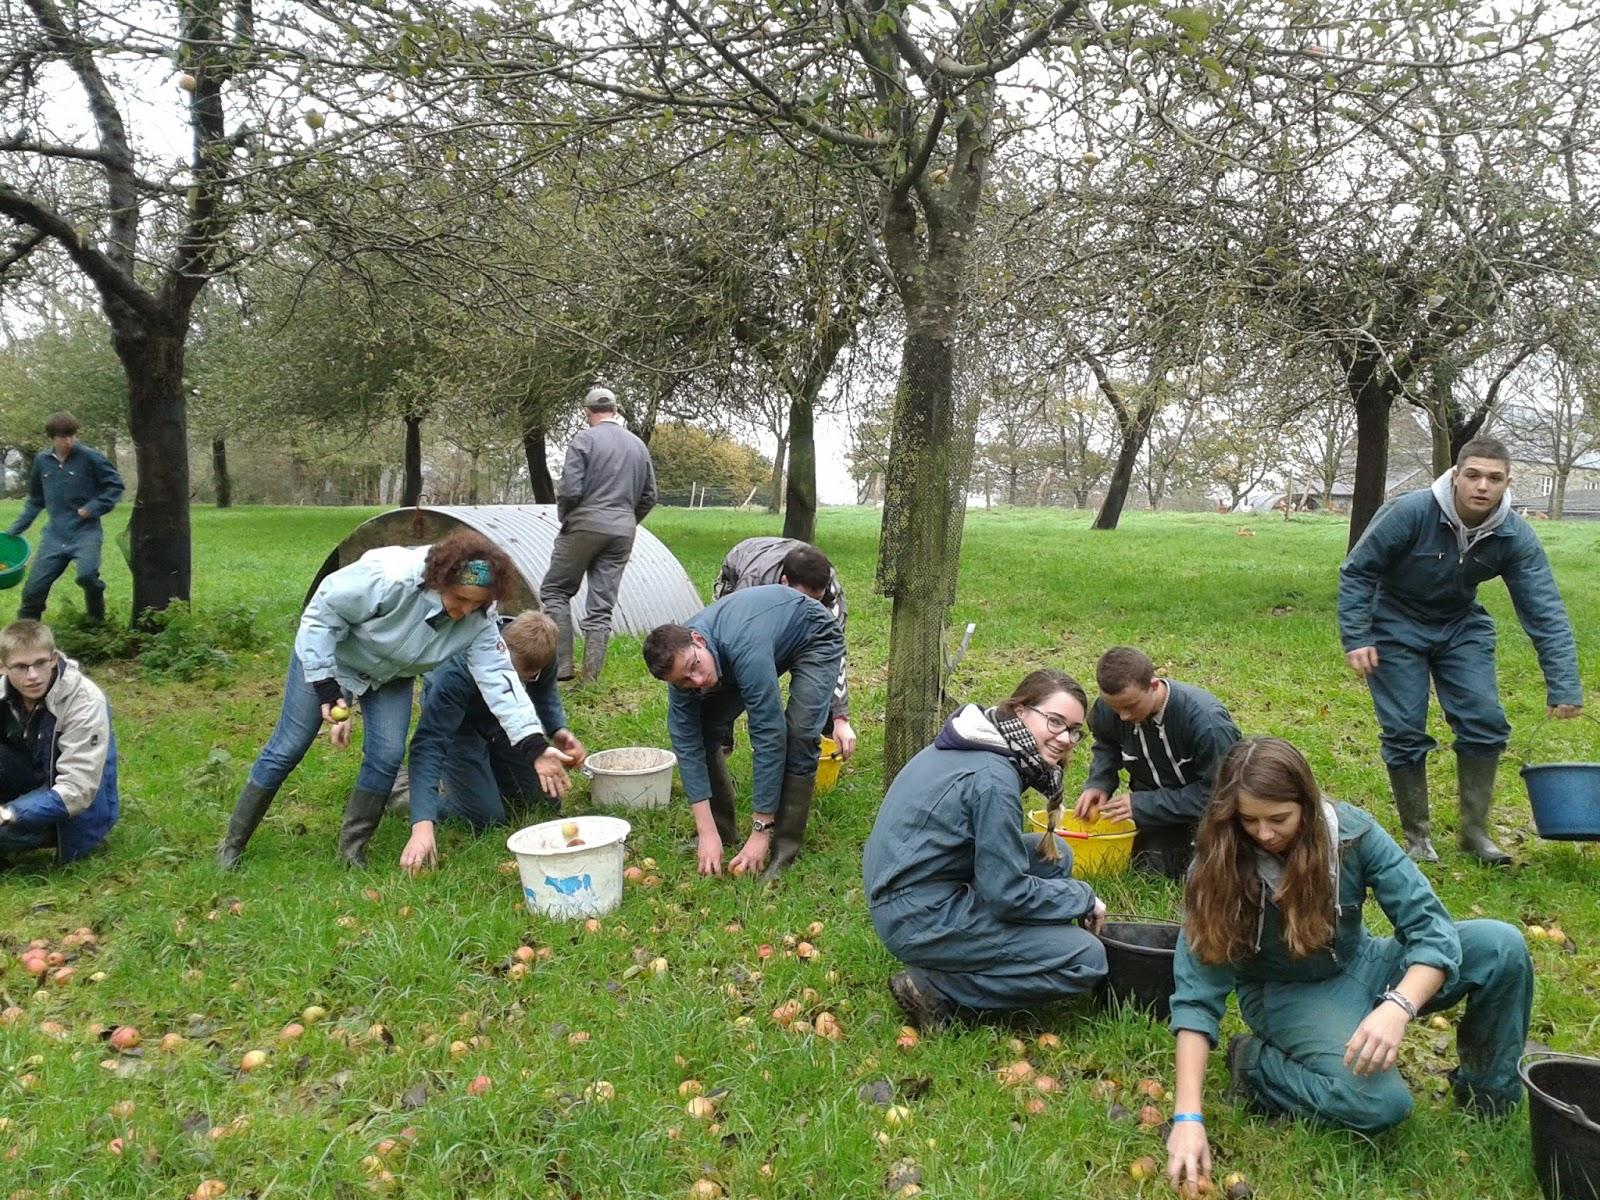 Grise la normande et les agris coutan ais se font bios - Machine pour ramasser les pommes ...